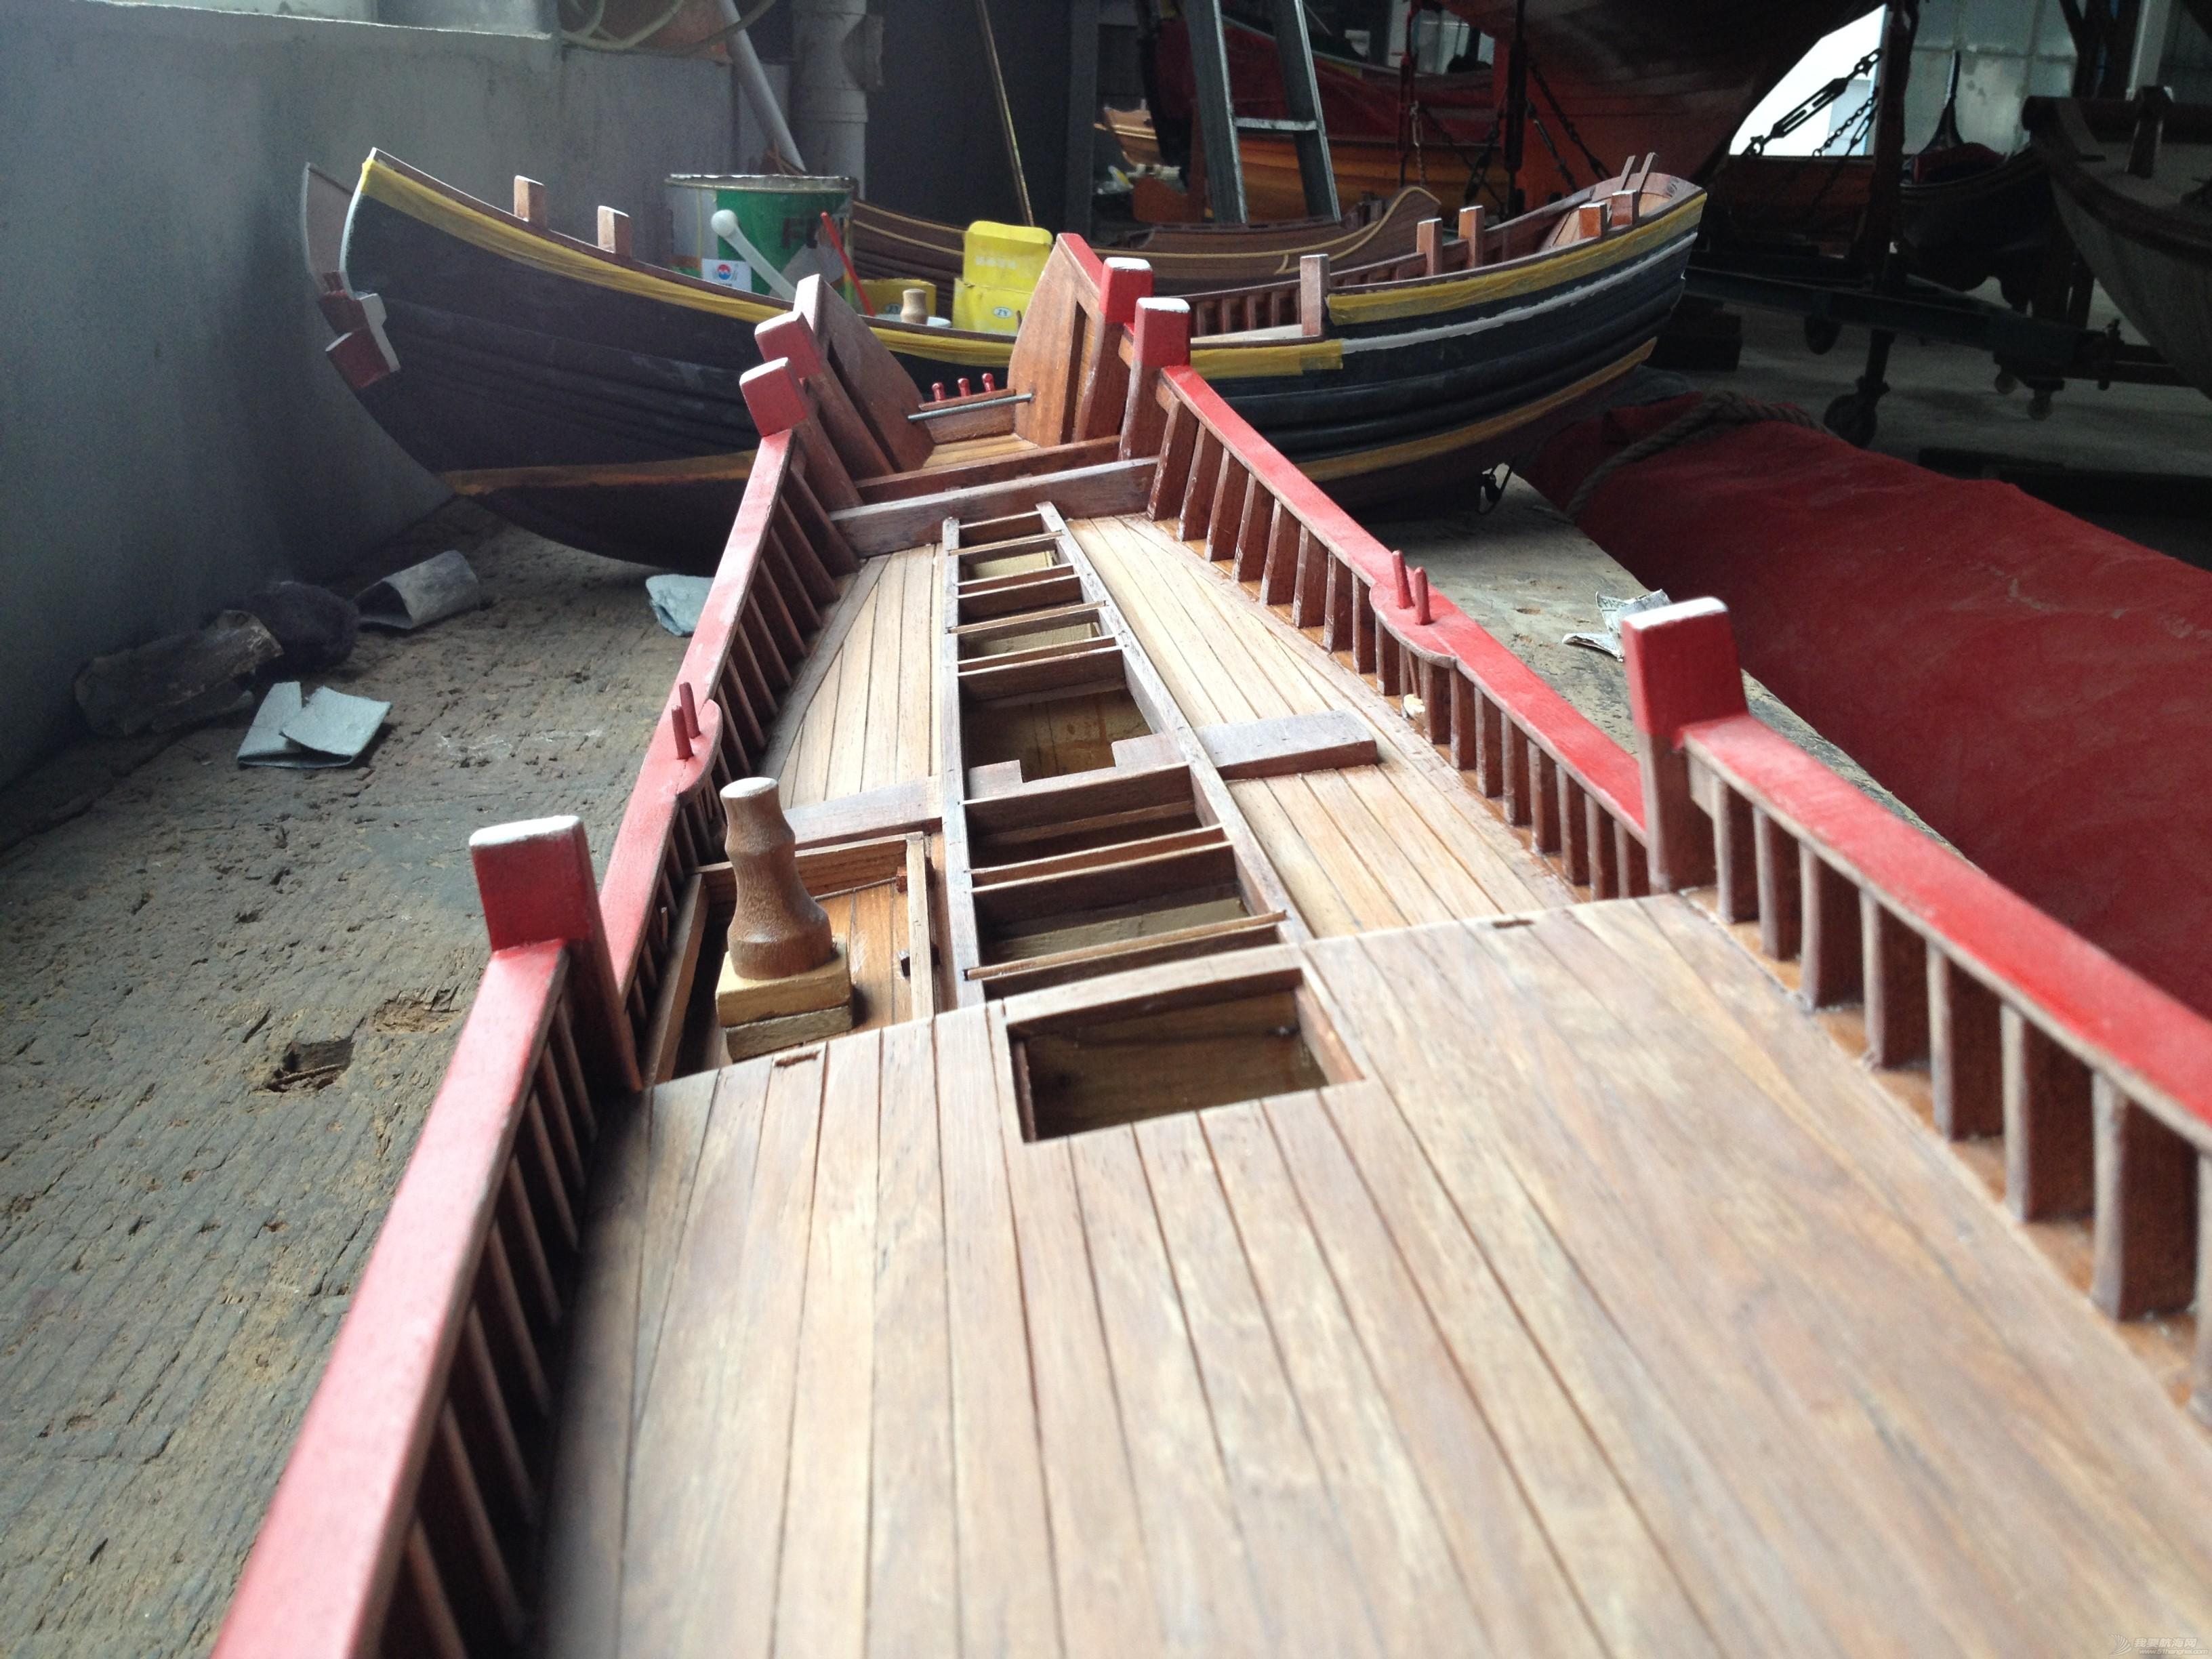 中式风格,交通运输,造船厂,朱家尖,对抗赛 全球首次中式帆船比赛可能会在舟山举行 IMG_7897.JPG